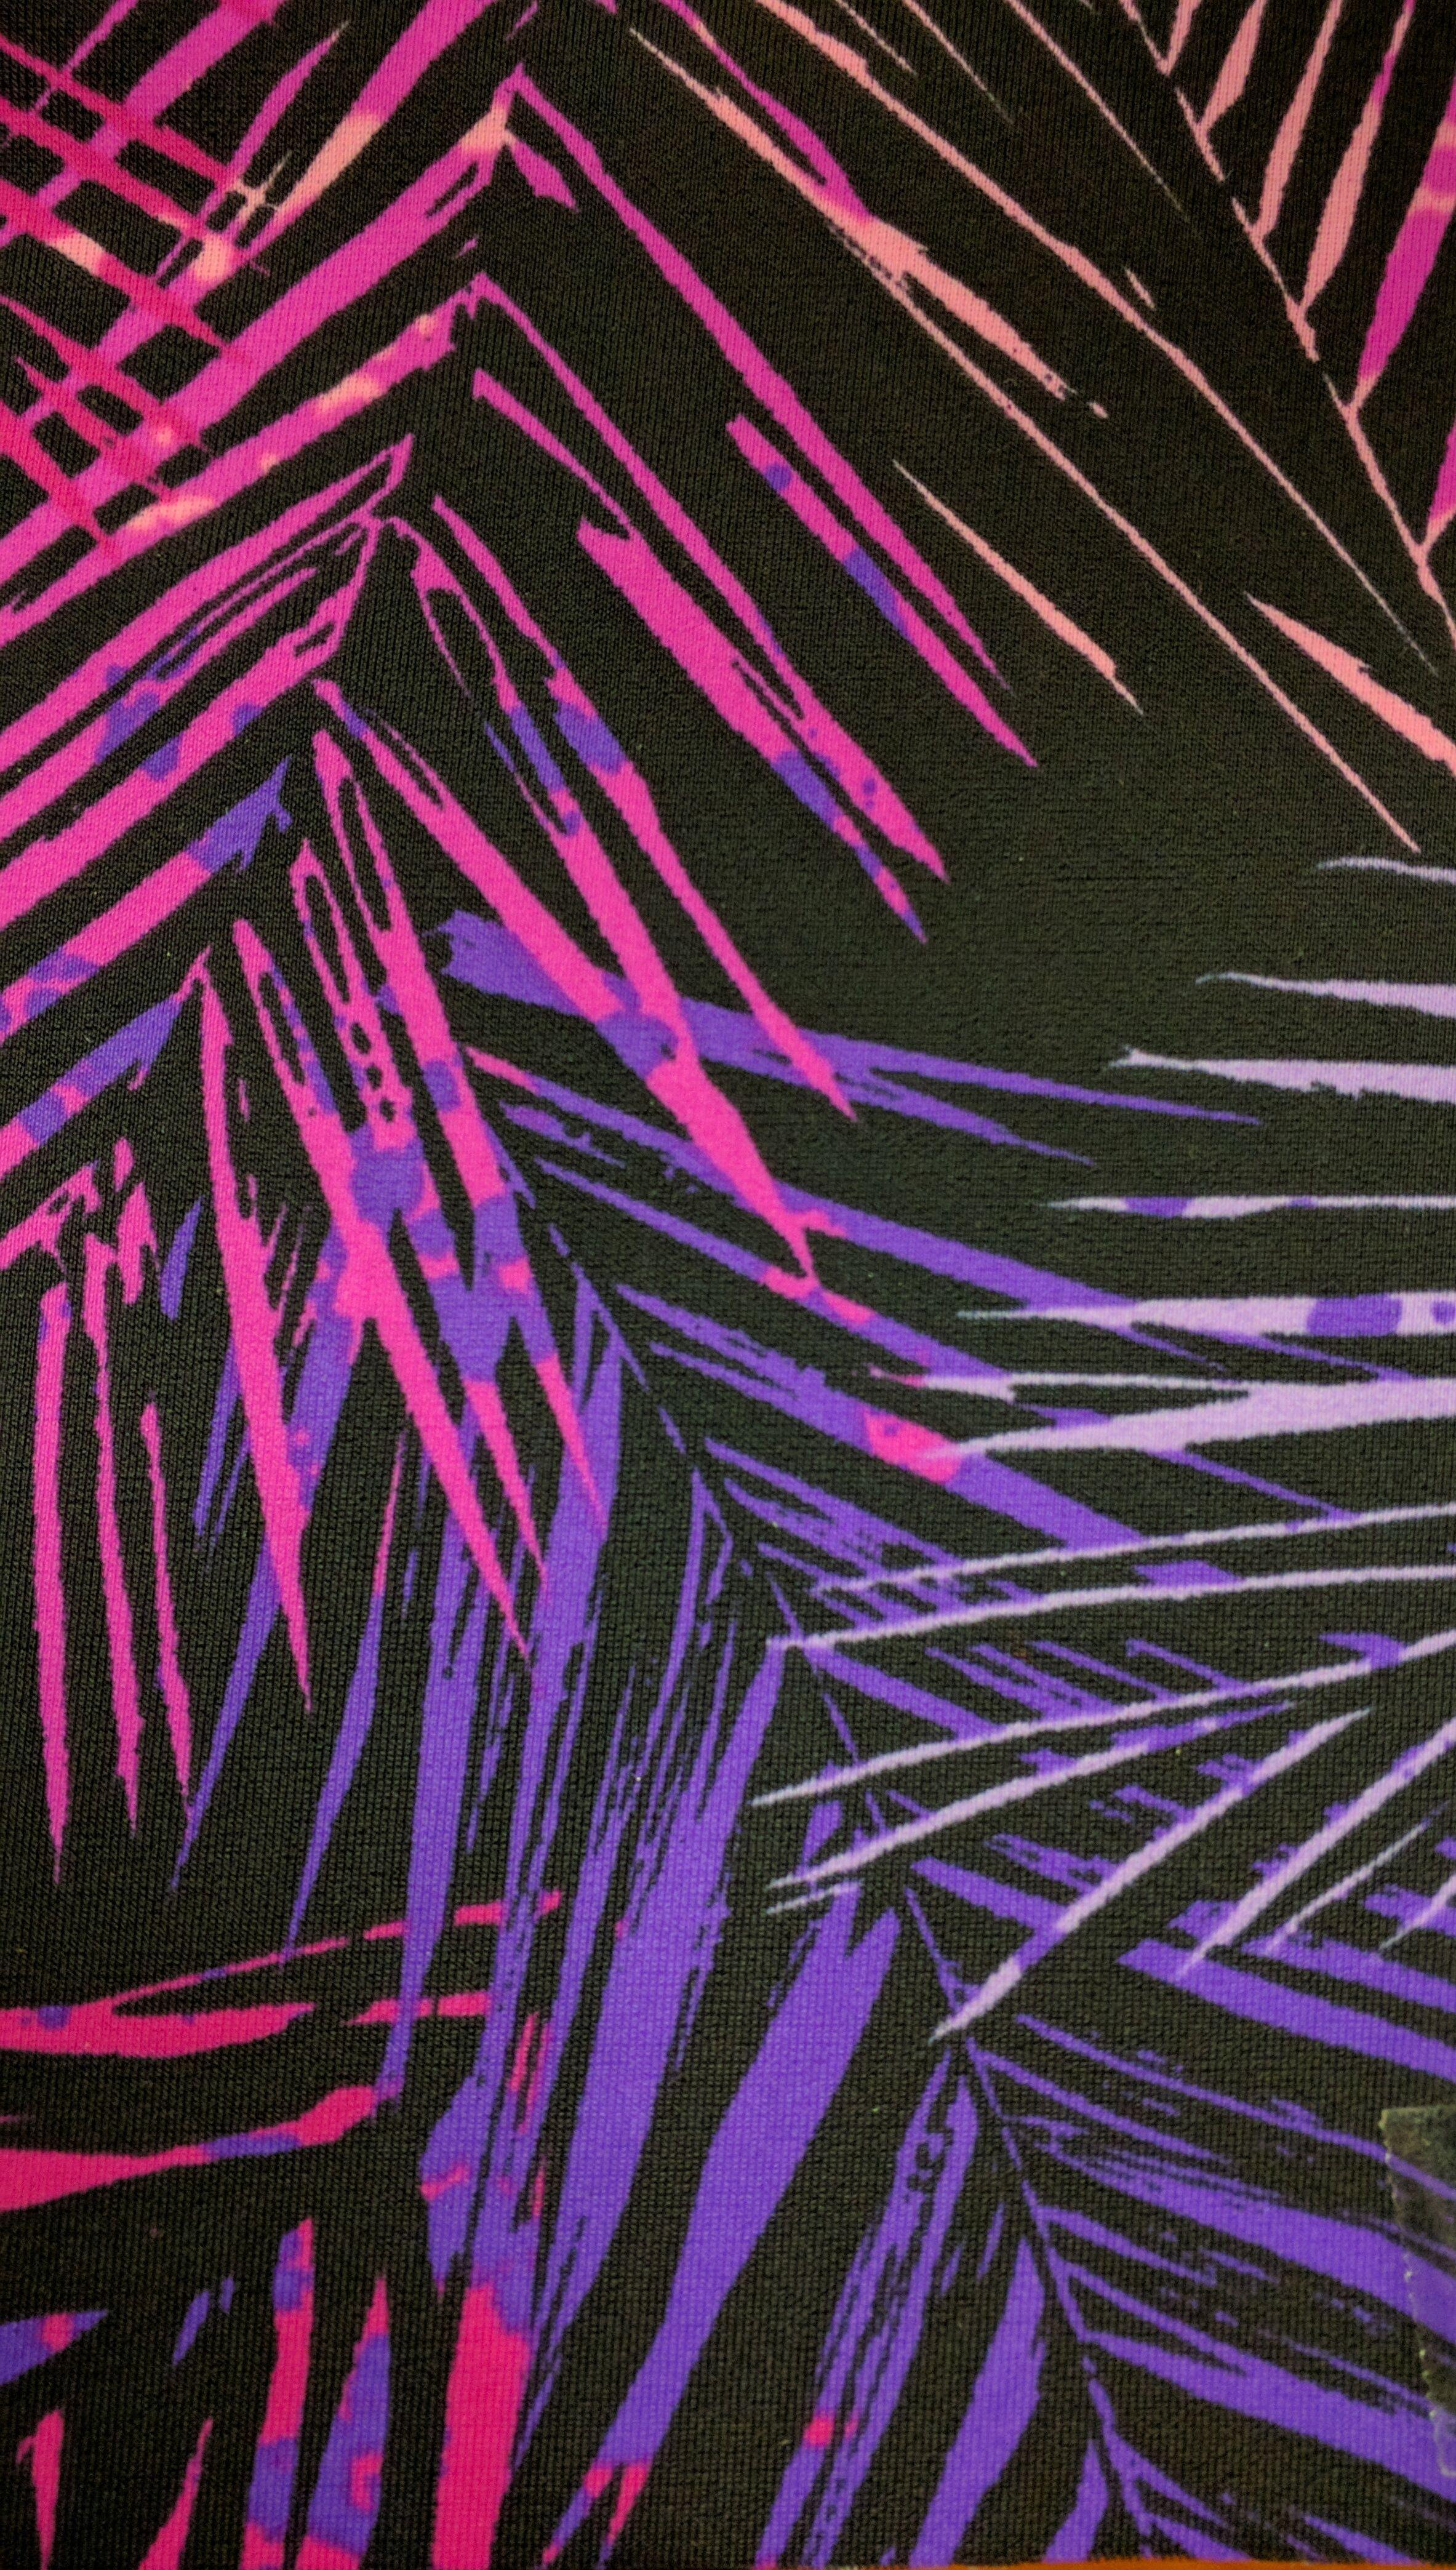 purple-burst.jpg